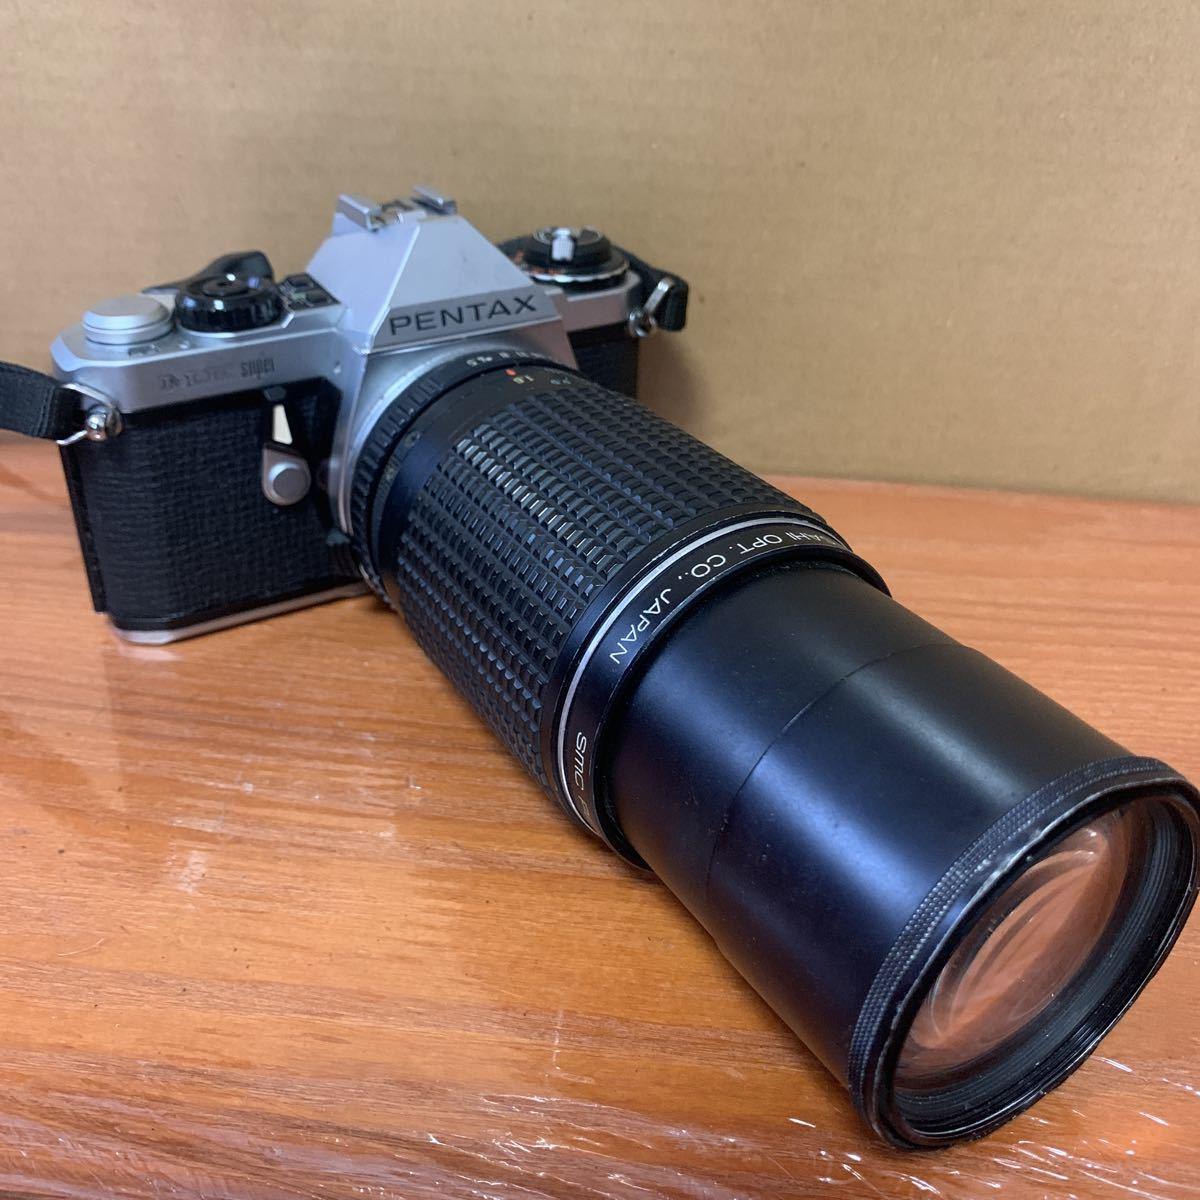 PENTAX ME SUPER ペンタックス 一眼レフカメラ フィルムカメラ 未確認 400_画像1